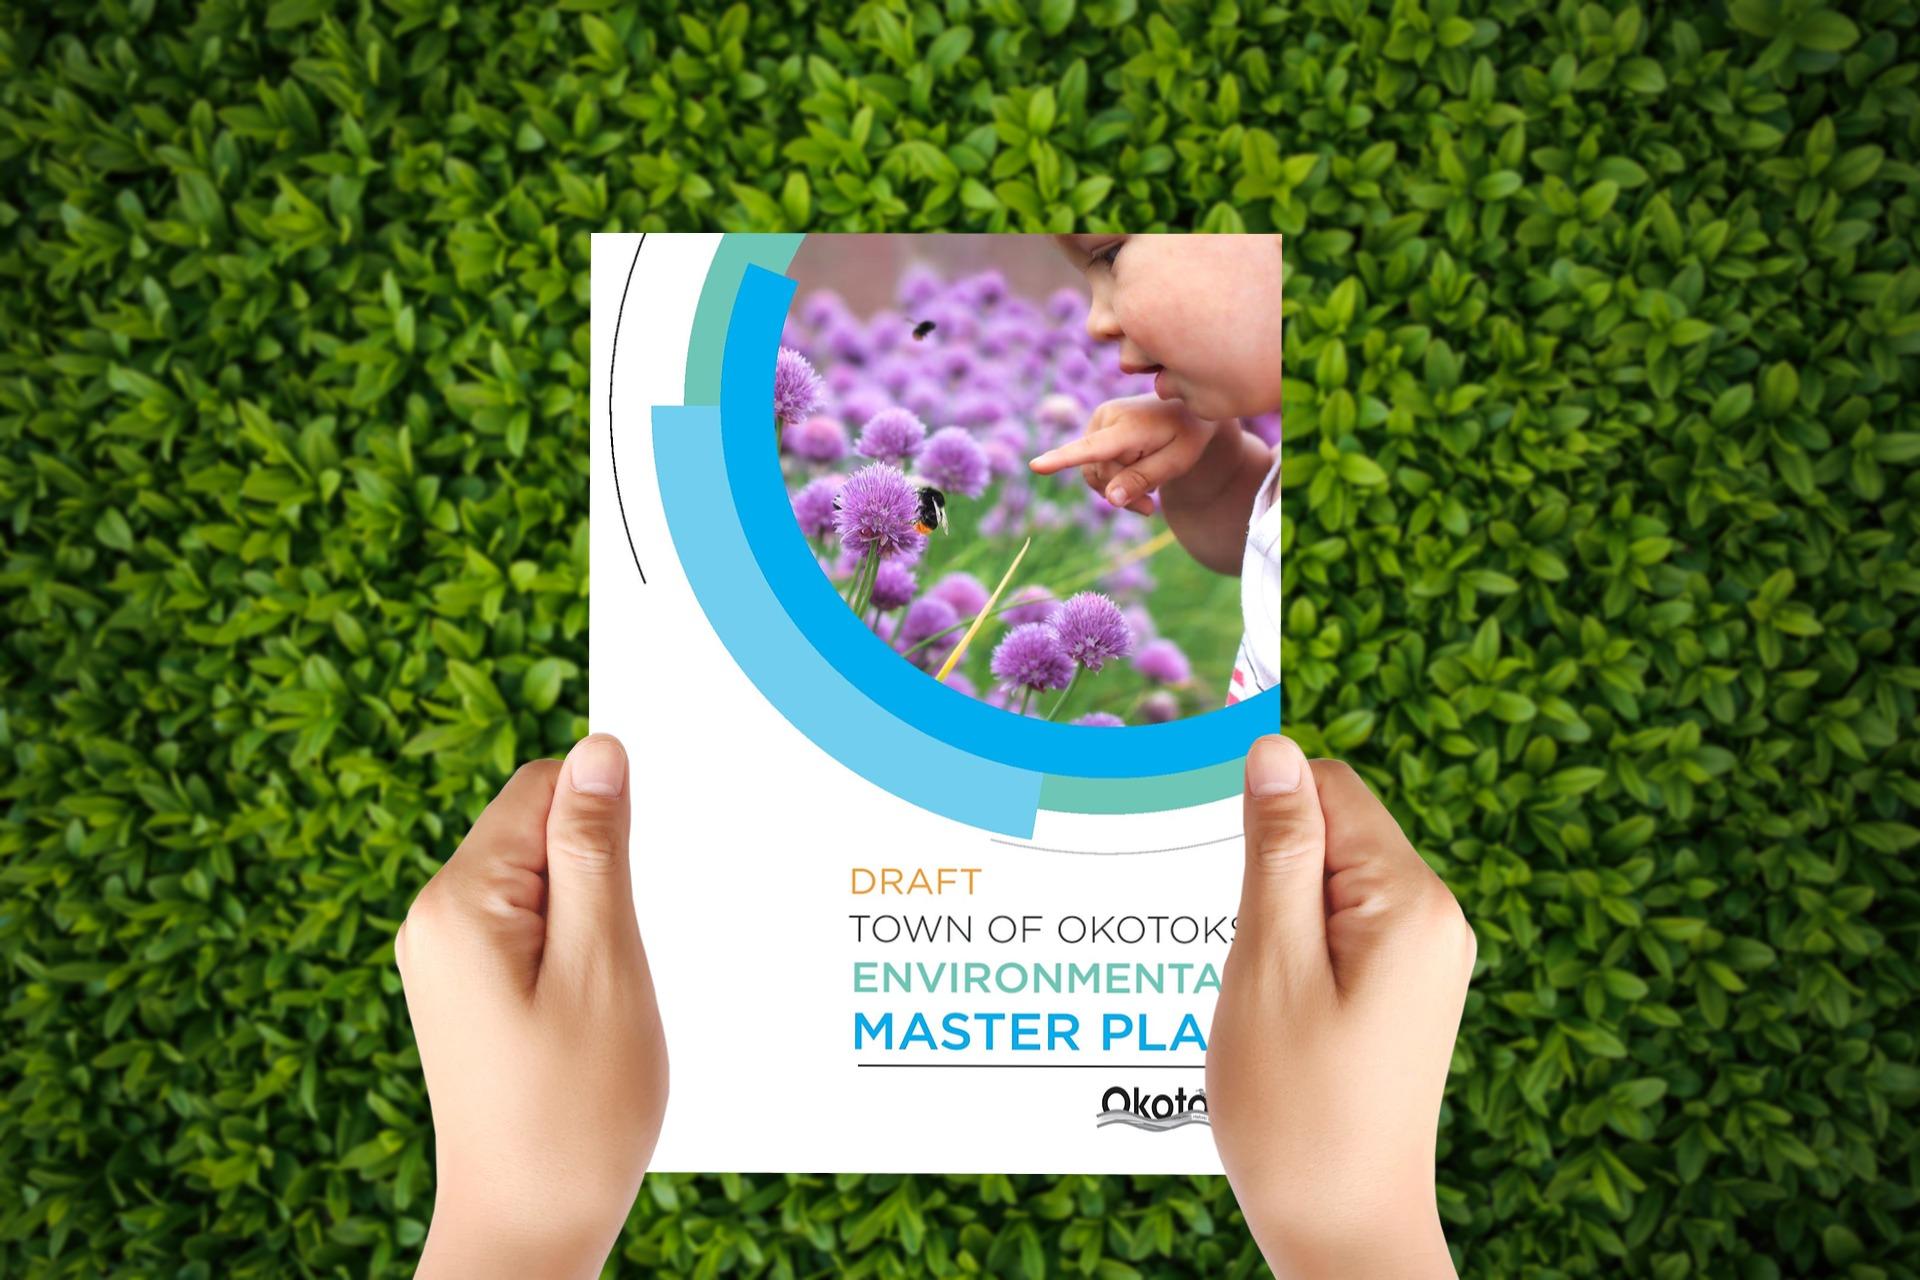 Okotoks Master Plan